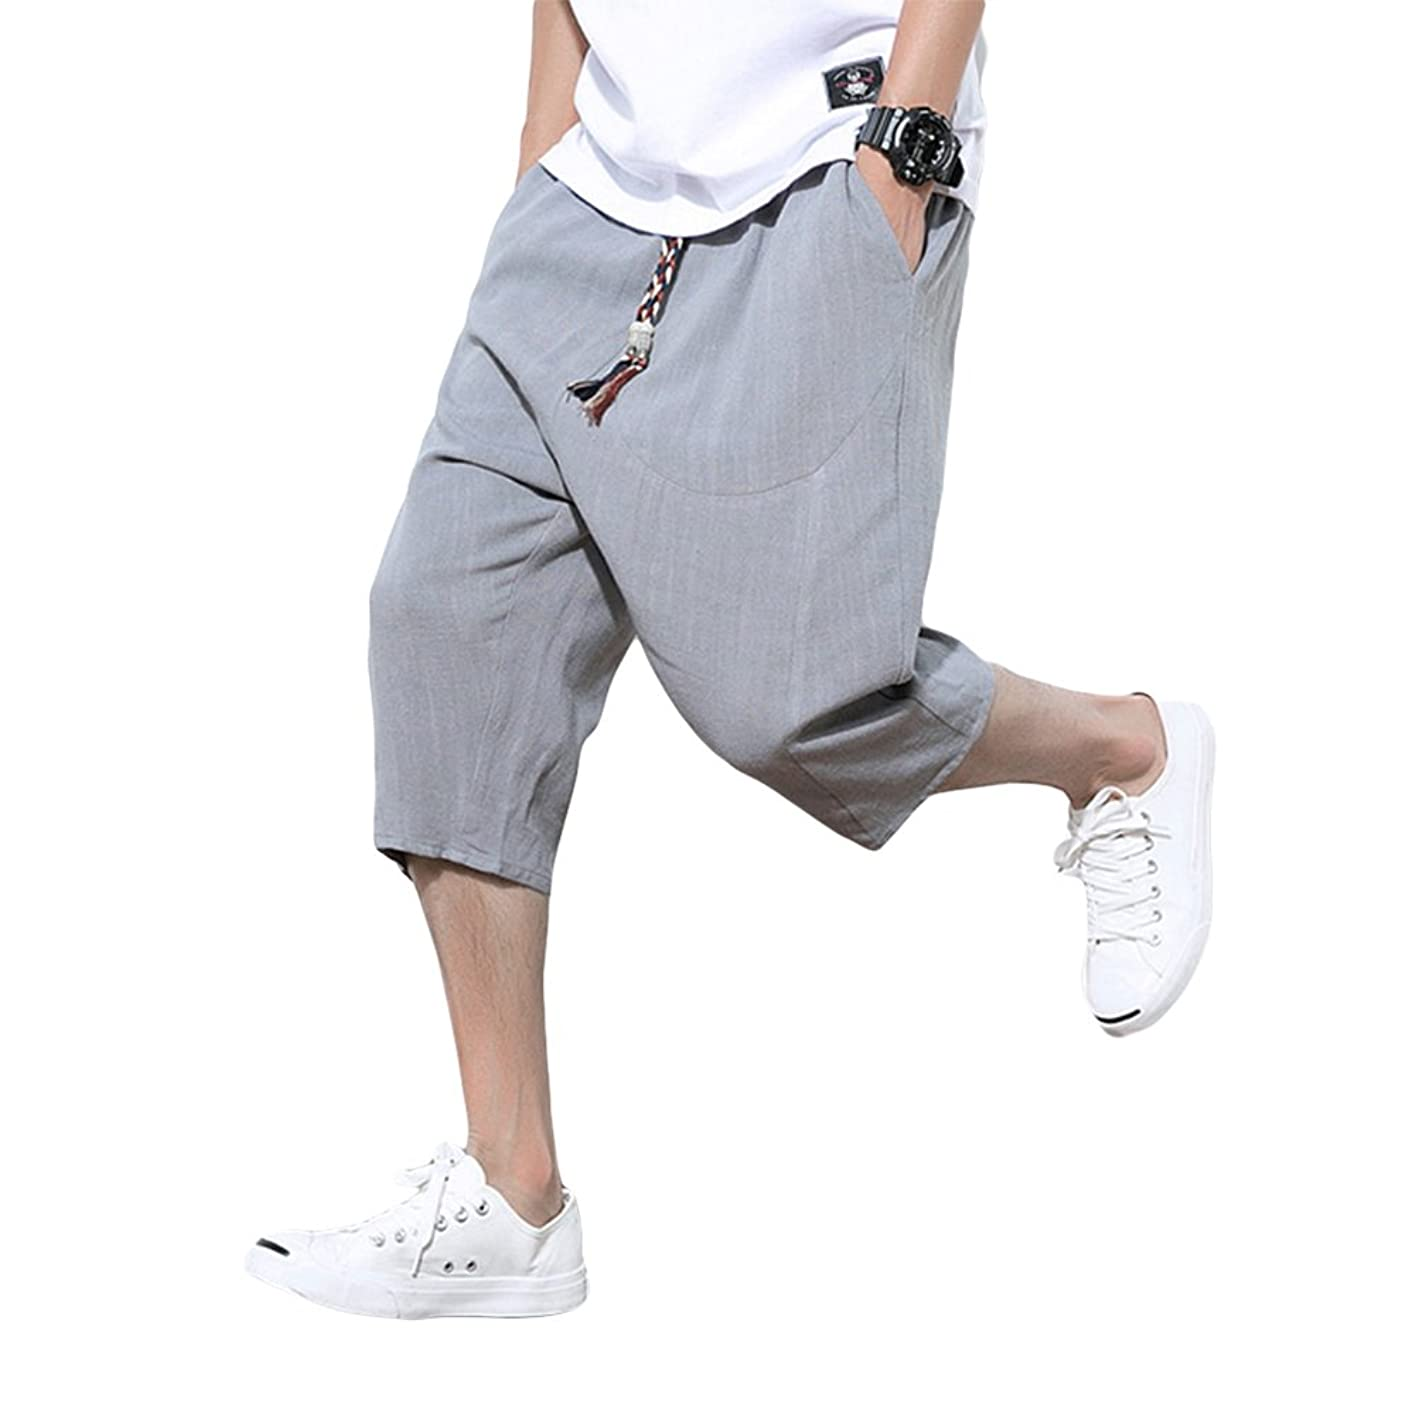 不正直ふけるにやにや[アルファーフープ] メンズ デニム ジーンズ ハーフ 7 分 丈 パンツ ジーパン ボトムス 半 ズボン 大きいサイズ D76